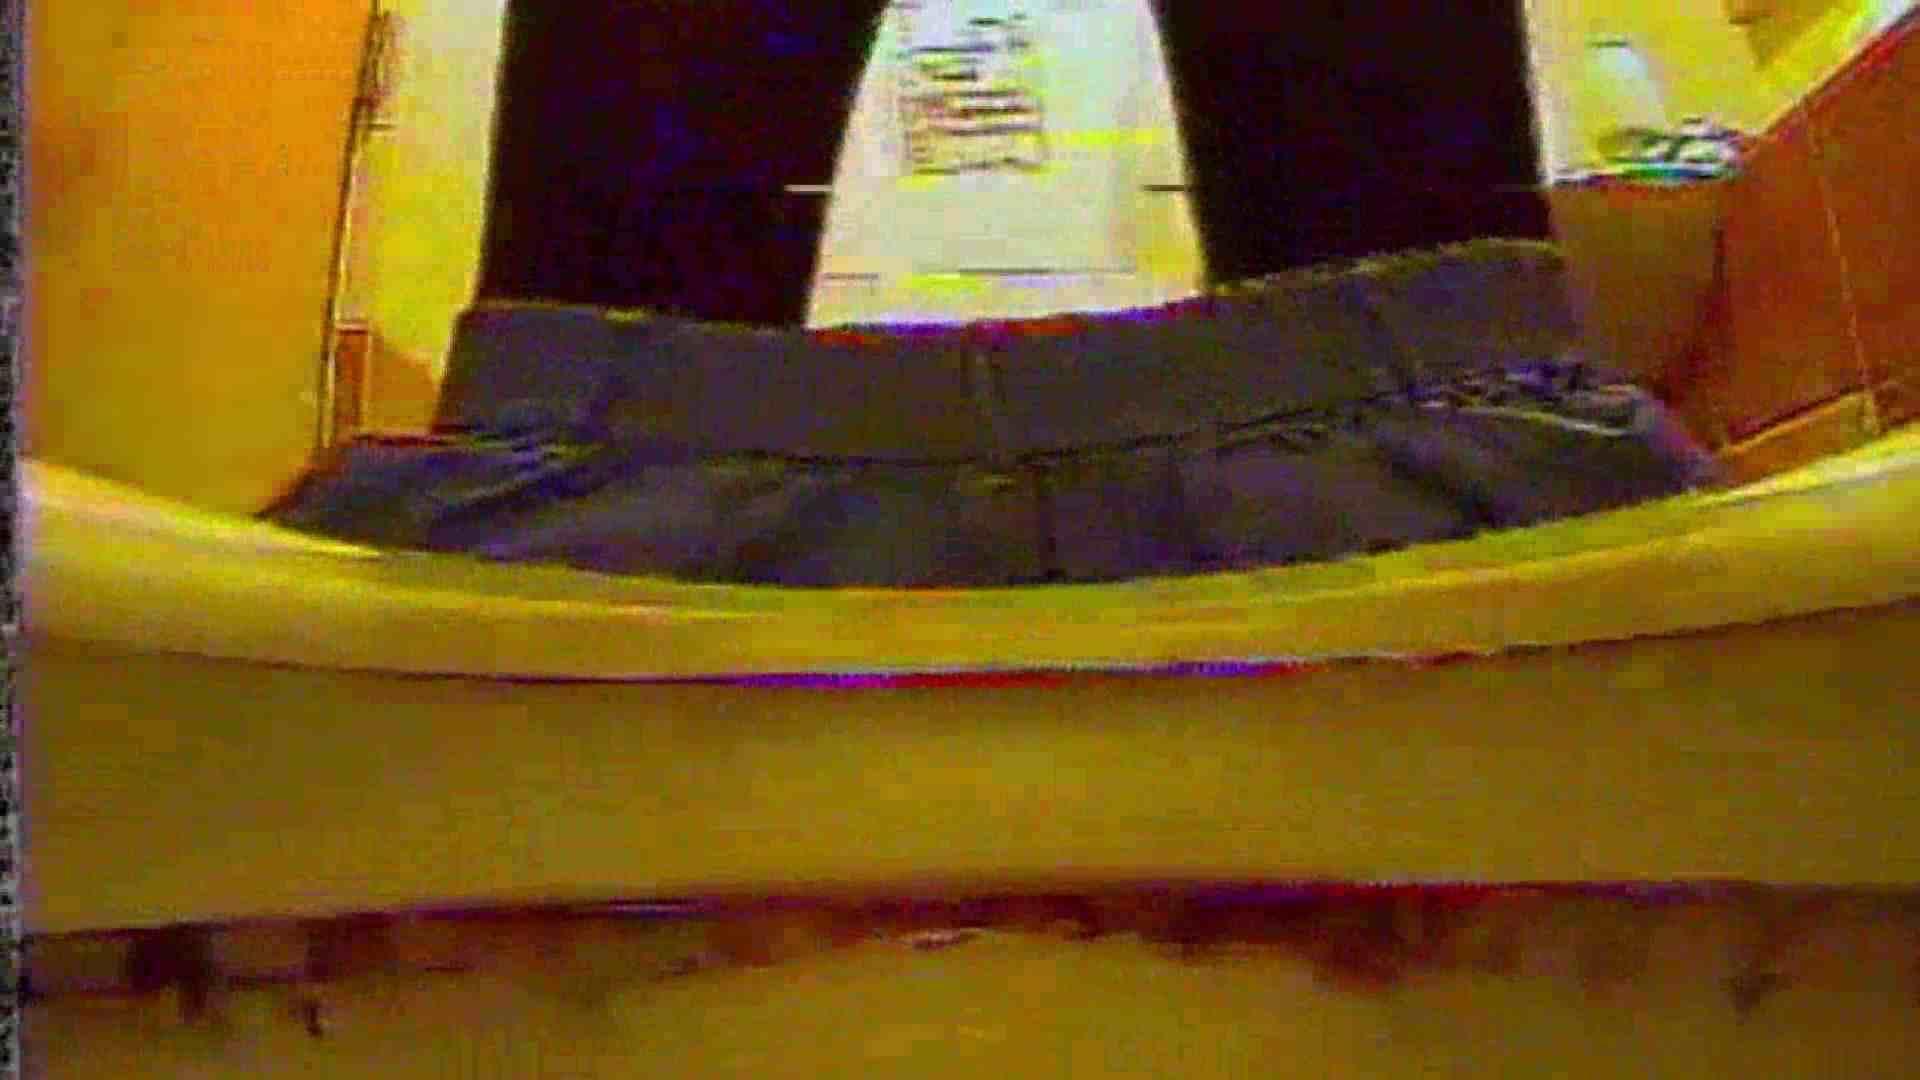 キレカワ女子大生の秘密の洗面所!Vol.048 すけべなOL   バックショット  109画像 105